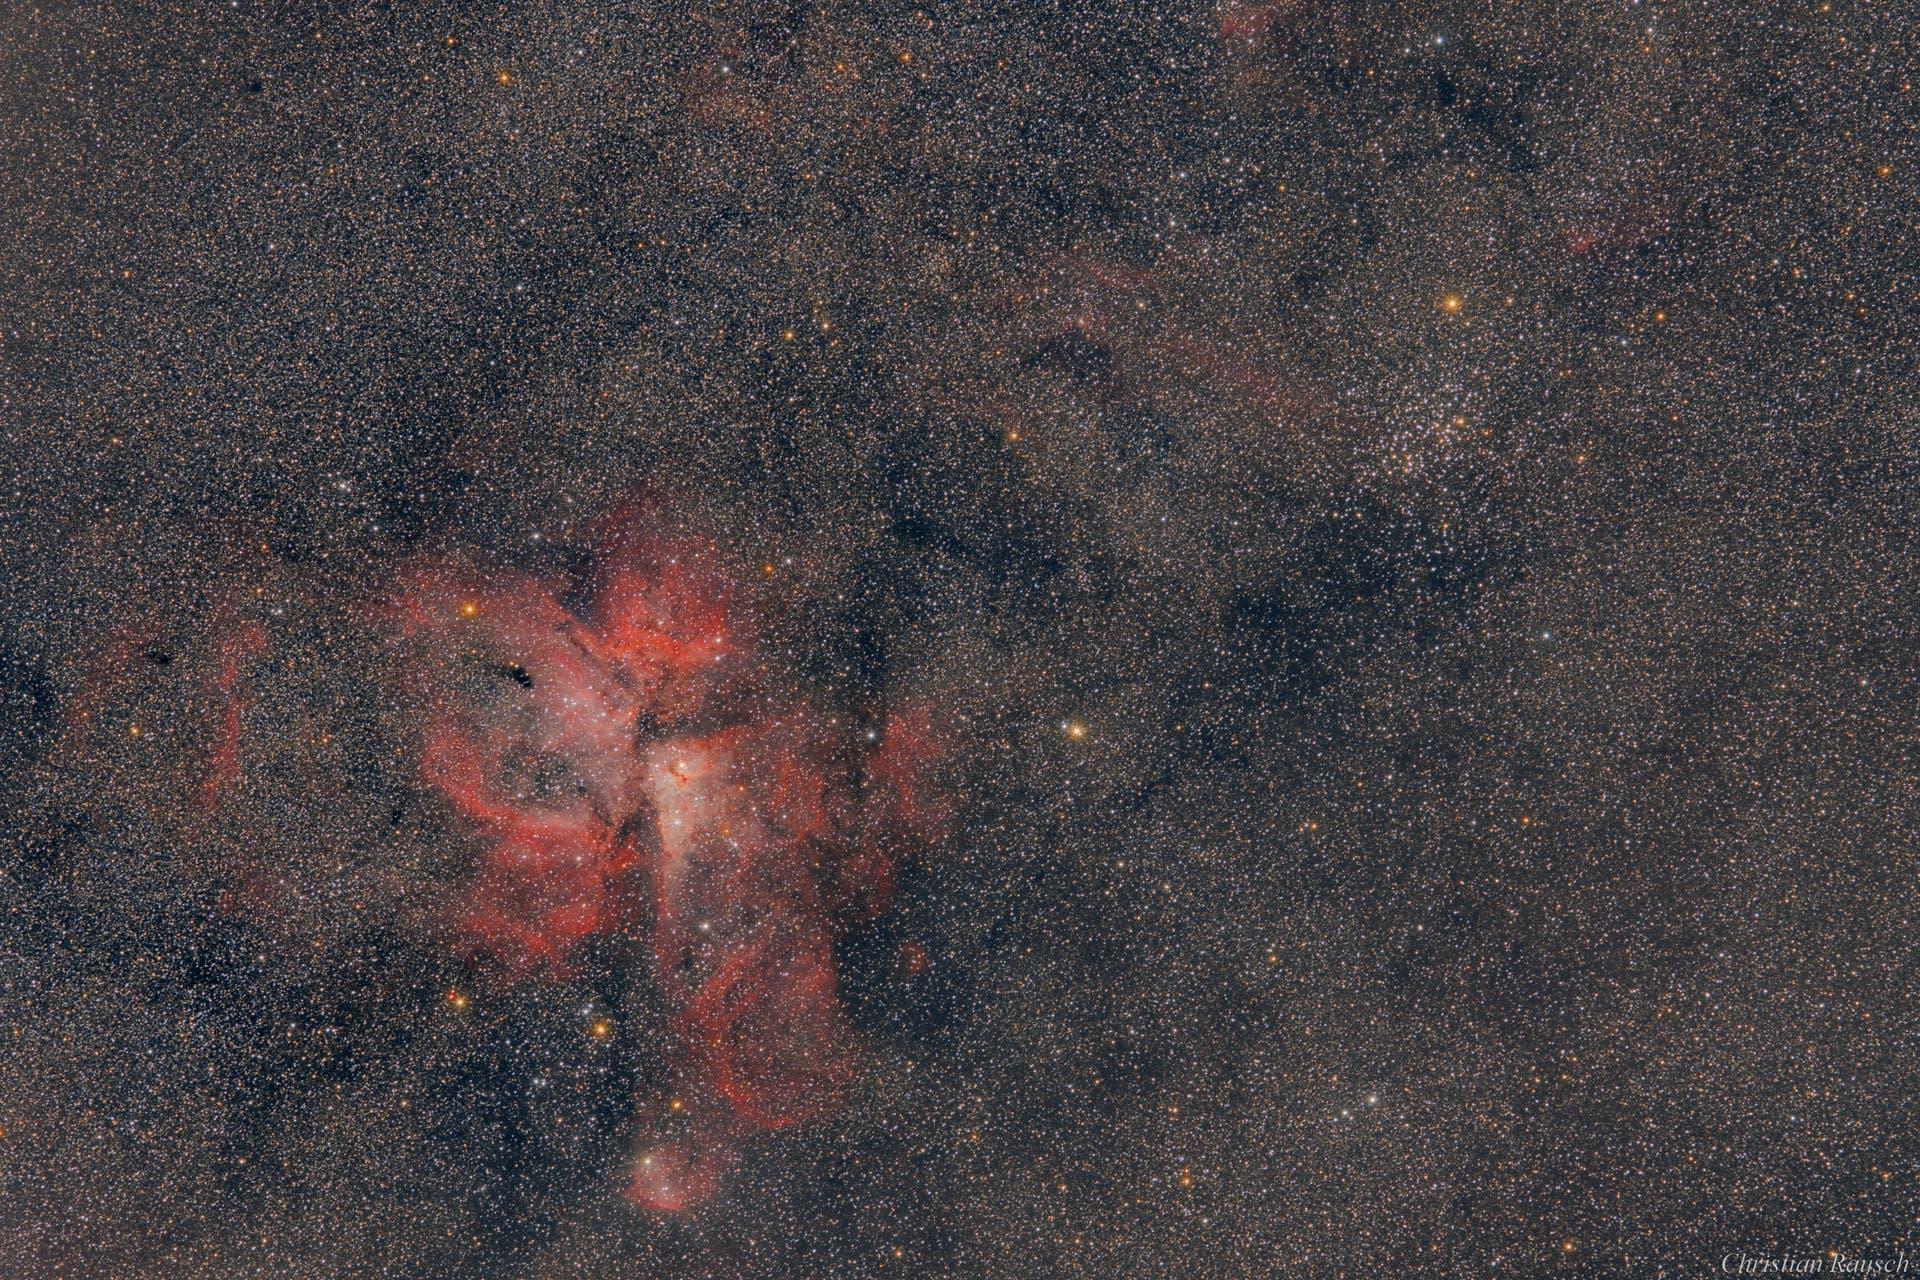 Carinanebel (NGC 3372) und Wishing Well Cluster (NGC 3532)